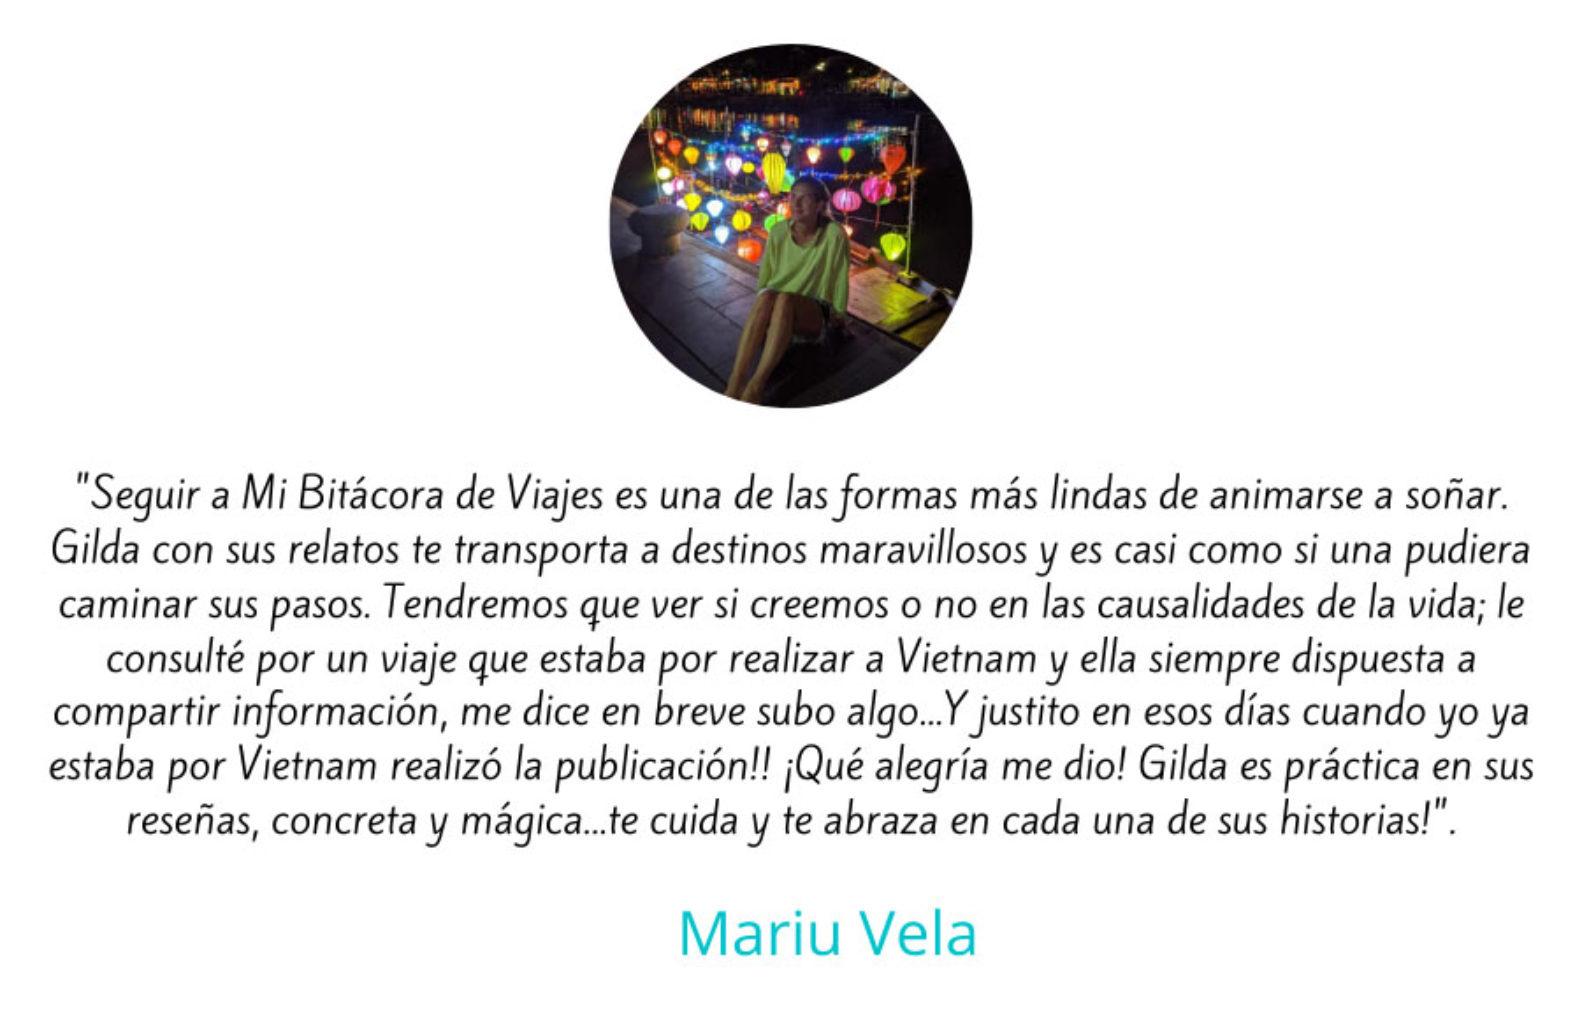 Mariu Vela